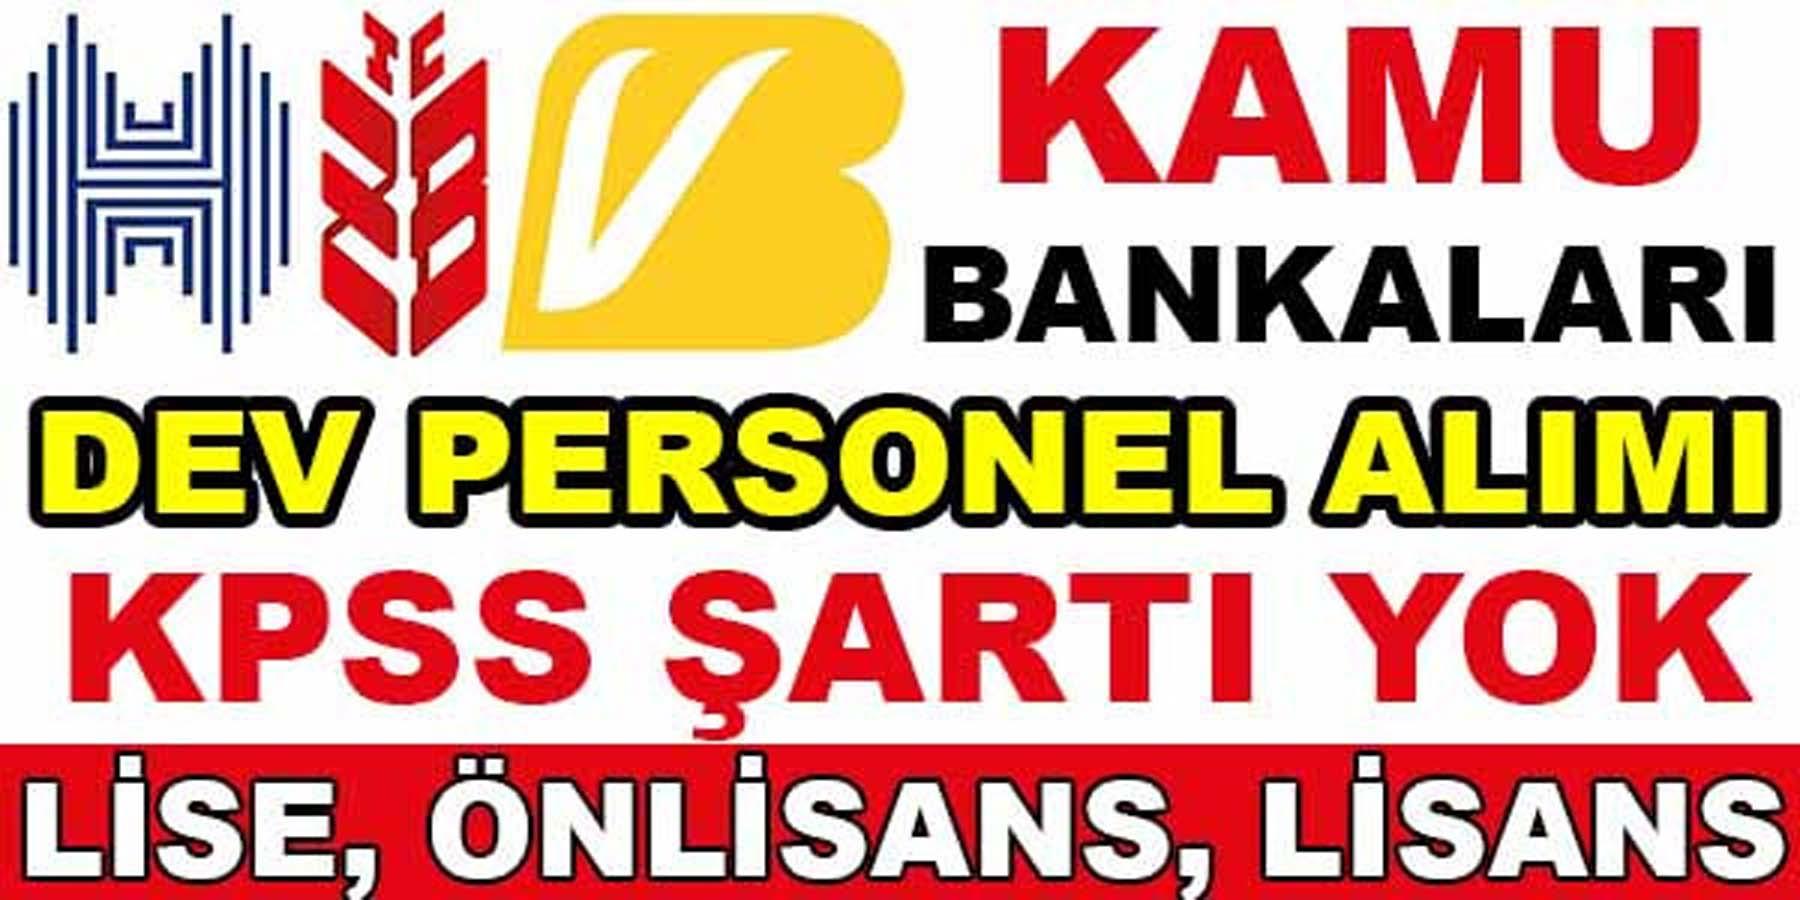 Kamu Bankaları 29 İlde Dev Personel Alımı